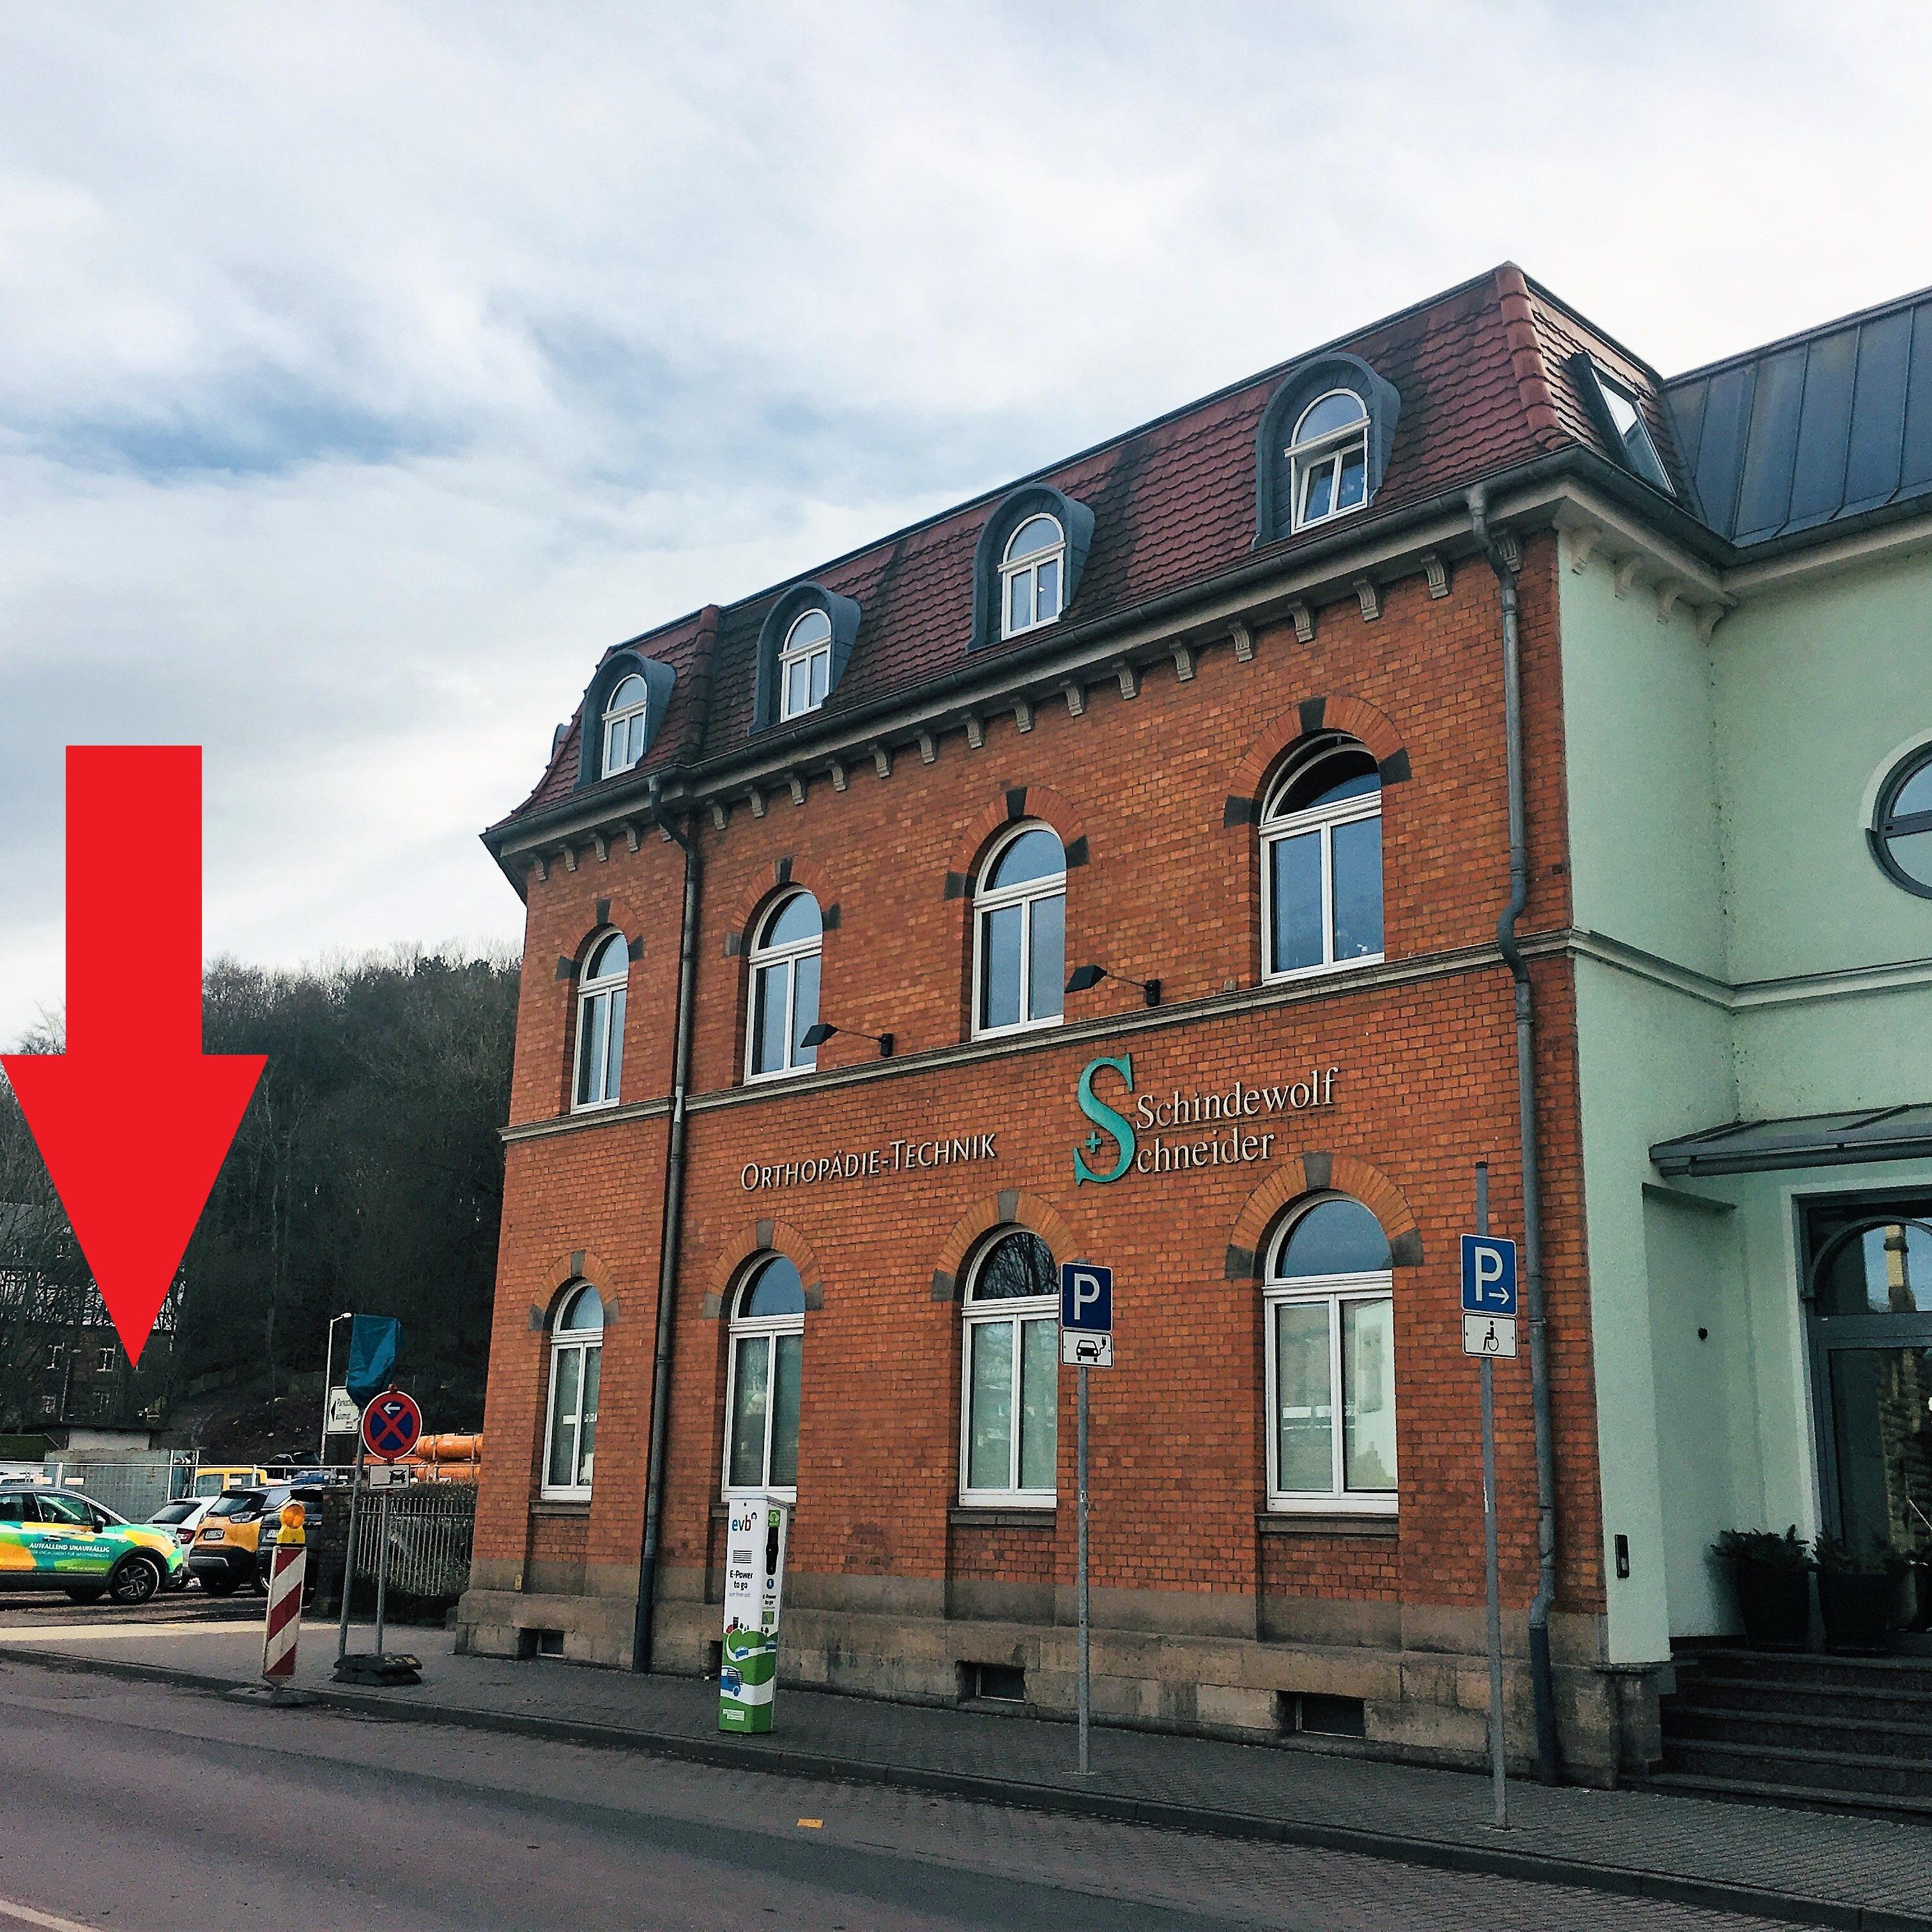 Schindewolf Eisenach